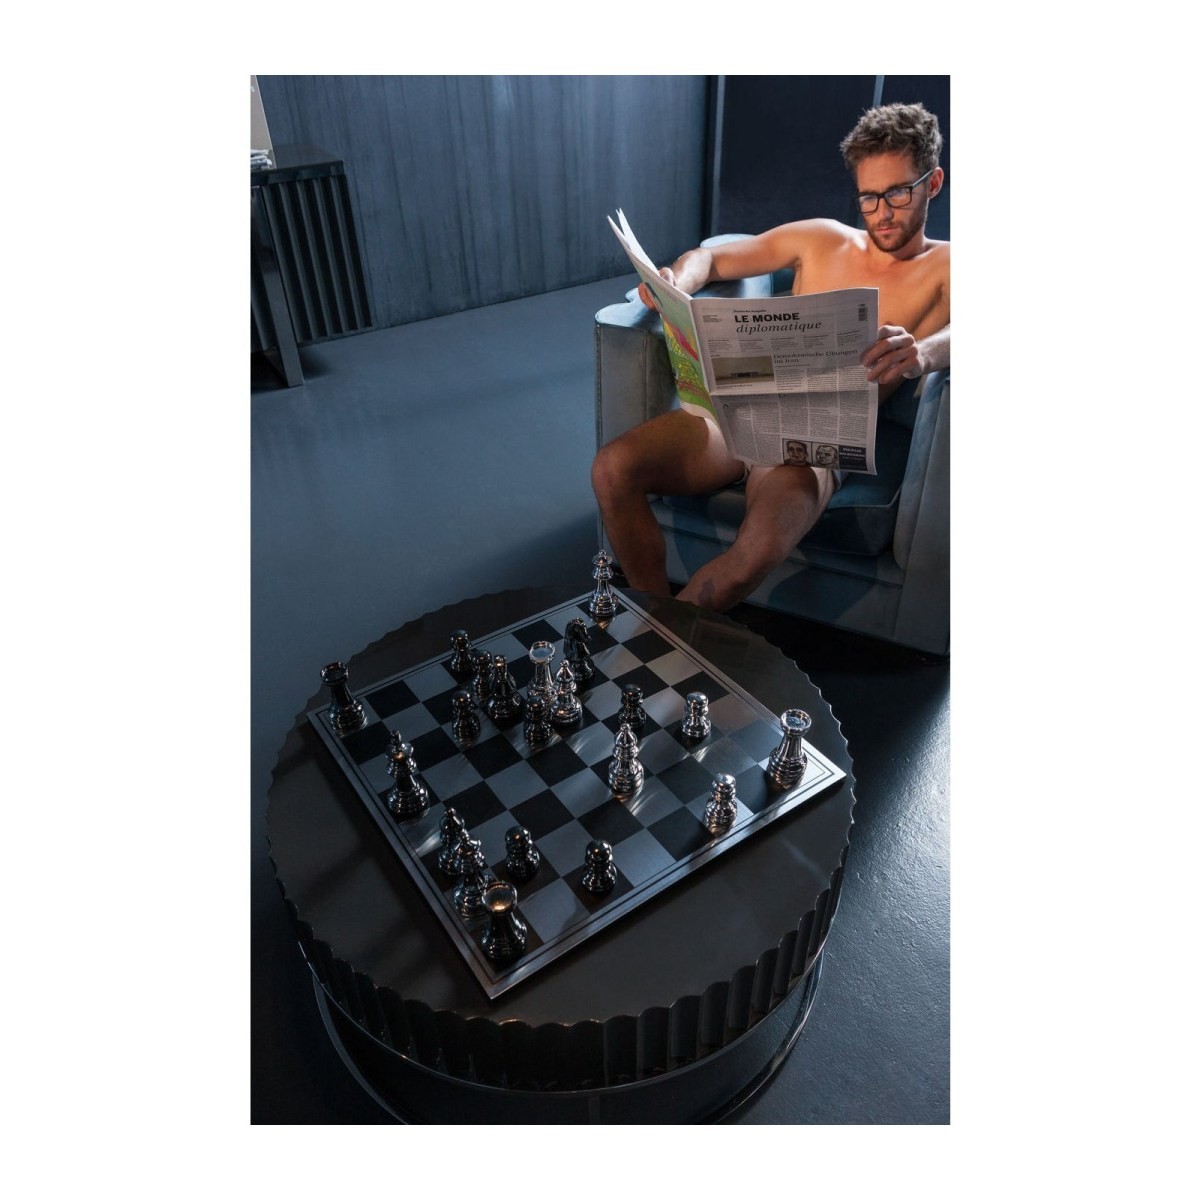 Soldes Kare Design Jeux & Jouets > Jeux de société > Jeux de stratégie Jeu d echecs Big Chess Kare Design